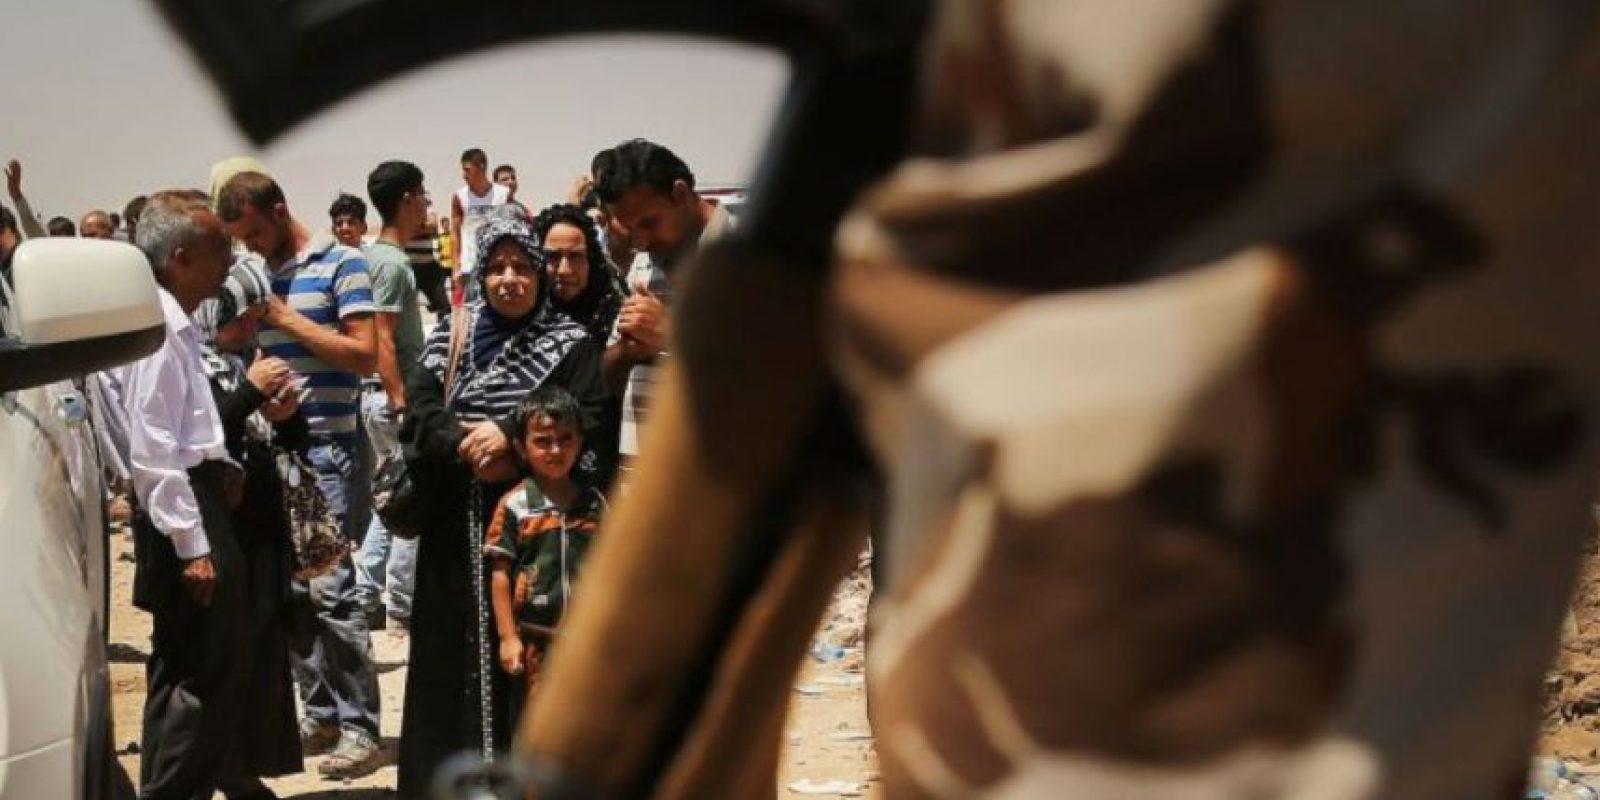 Cinco personas fueron asesinadas, incluyendo a los atacantes. Foto:vía Getty Images